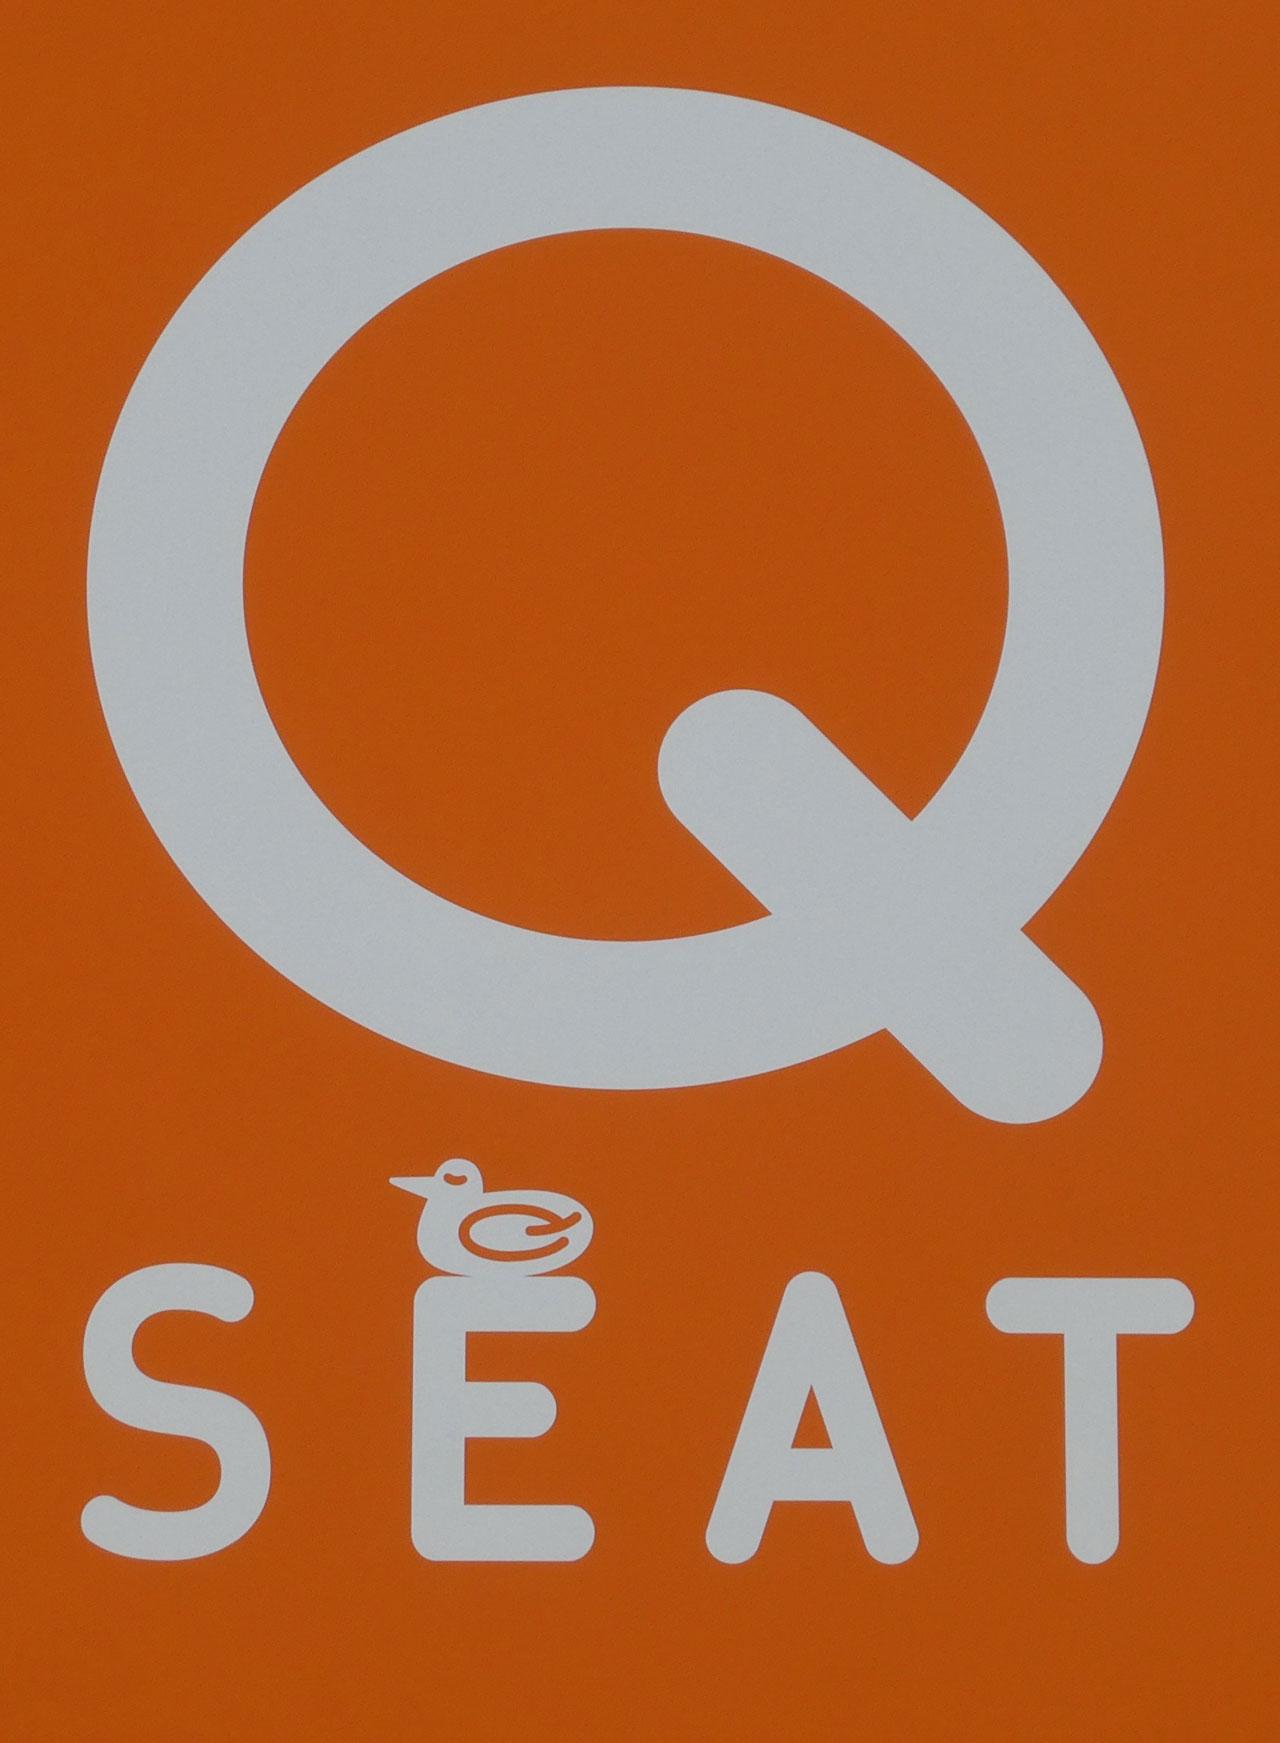 Q SEATのロゴマーク